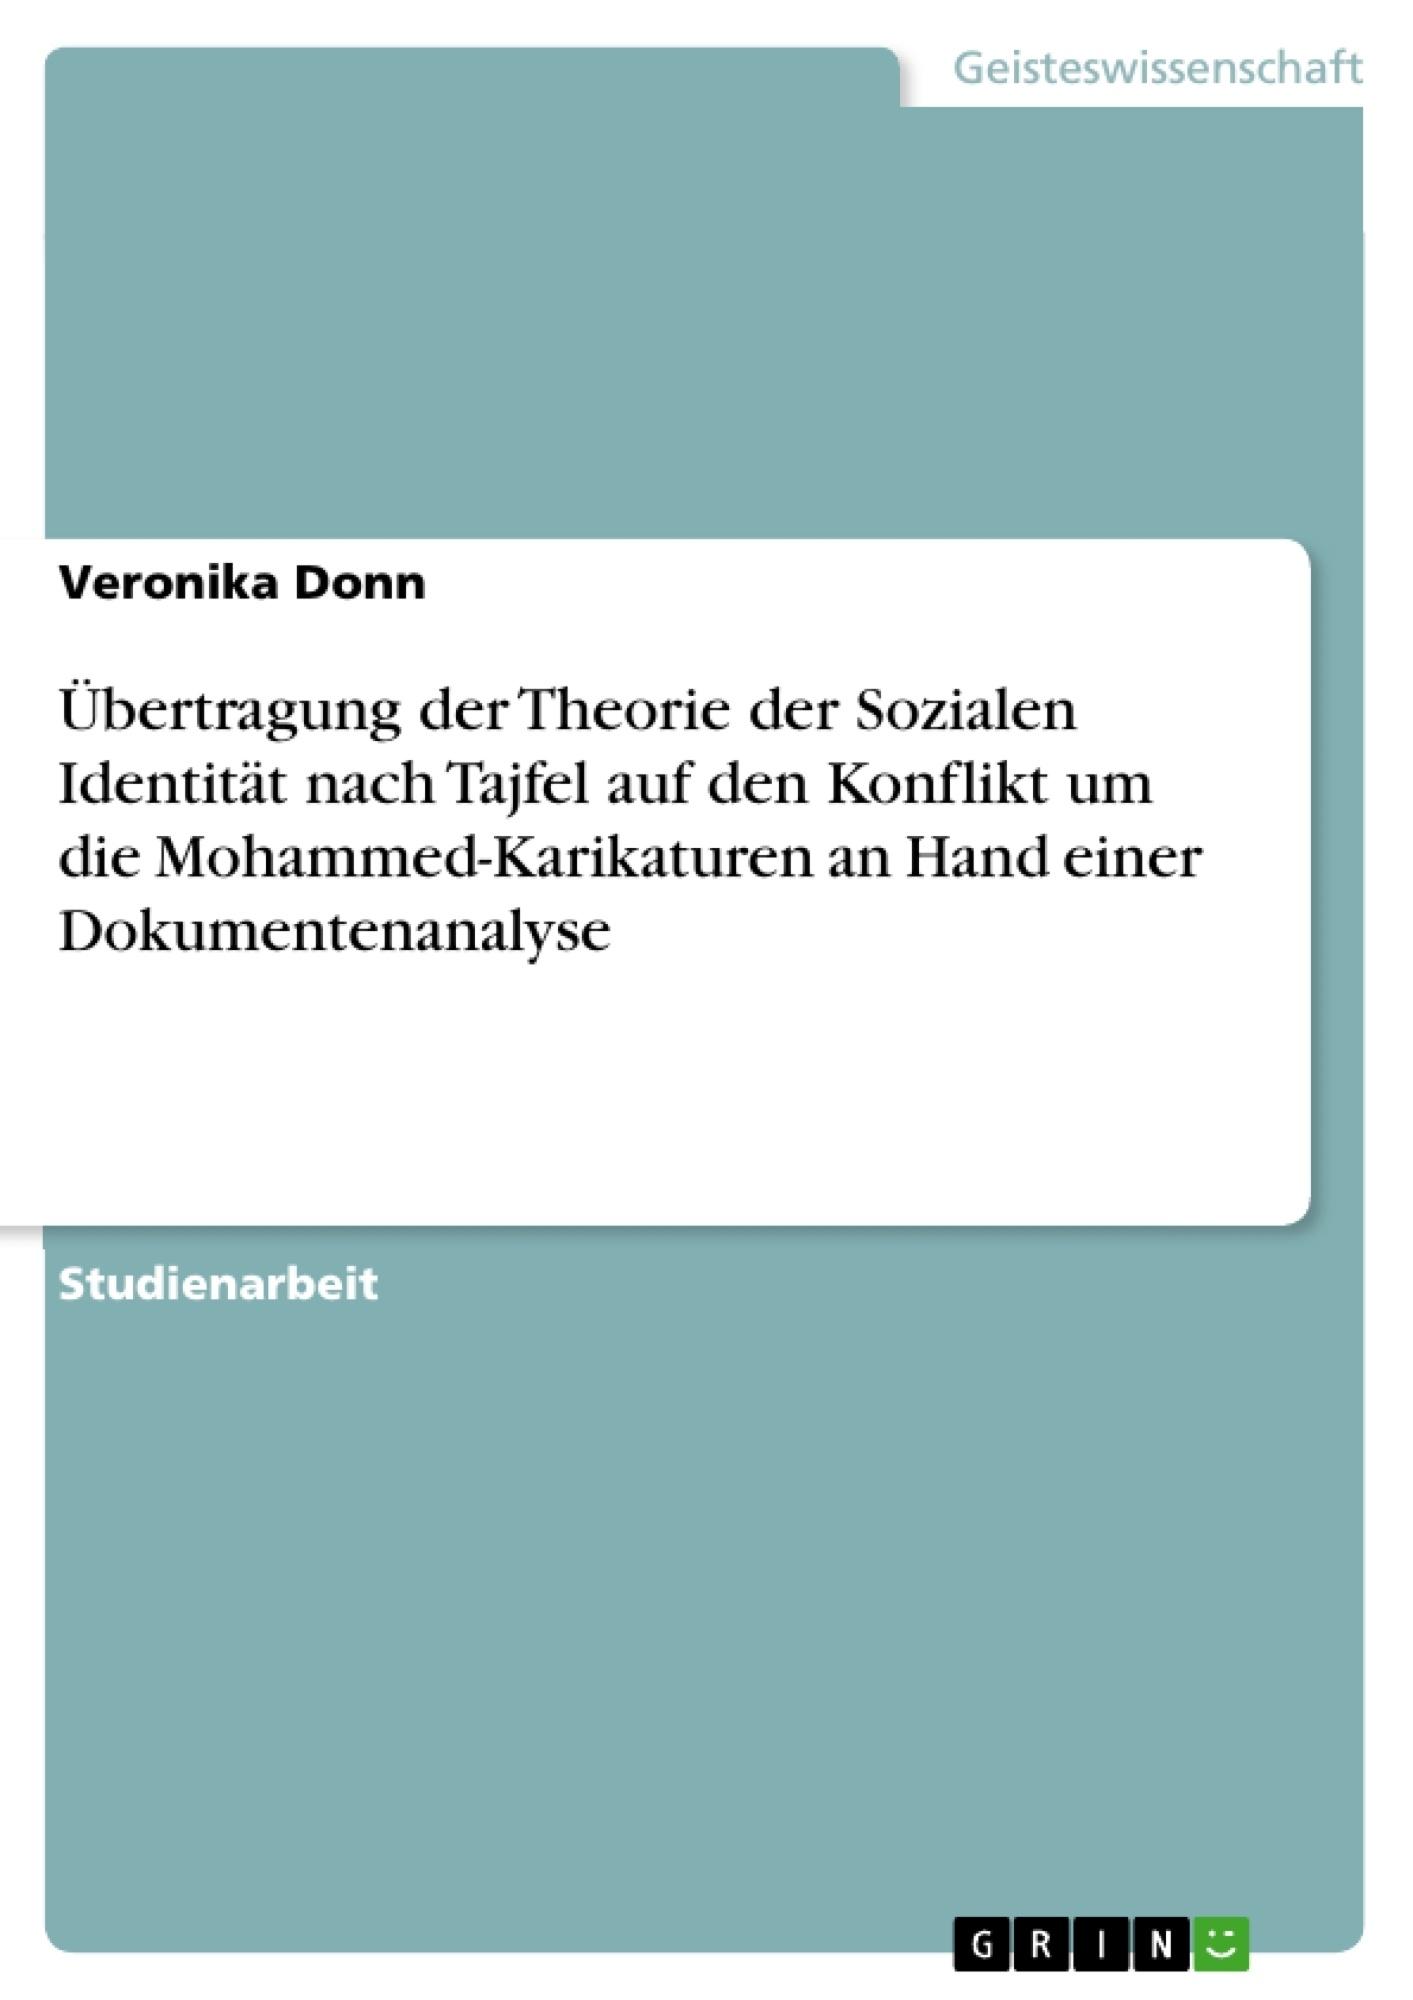 Titel: Übertragung der Theorie der Sozialen Identität nach Tajfel auf den Konflikt um die Mohammed-Karikaturen an Hand einer Dokumentenanalyse